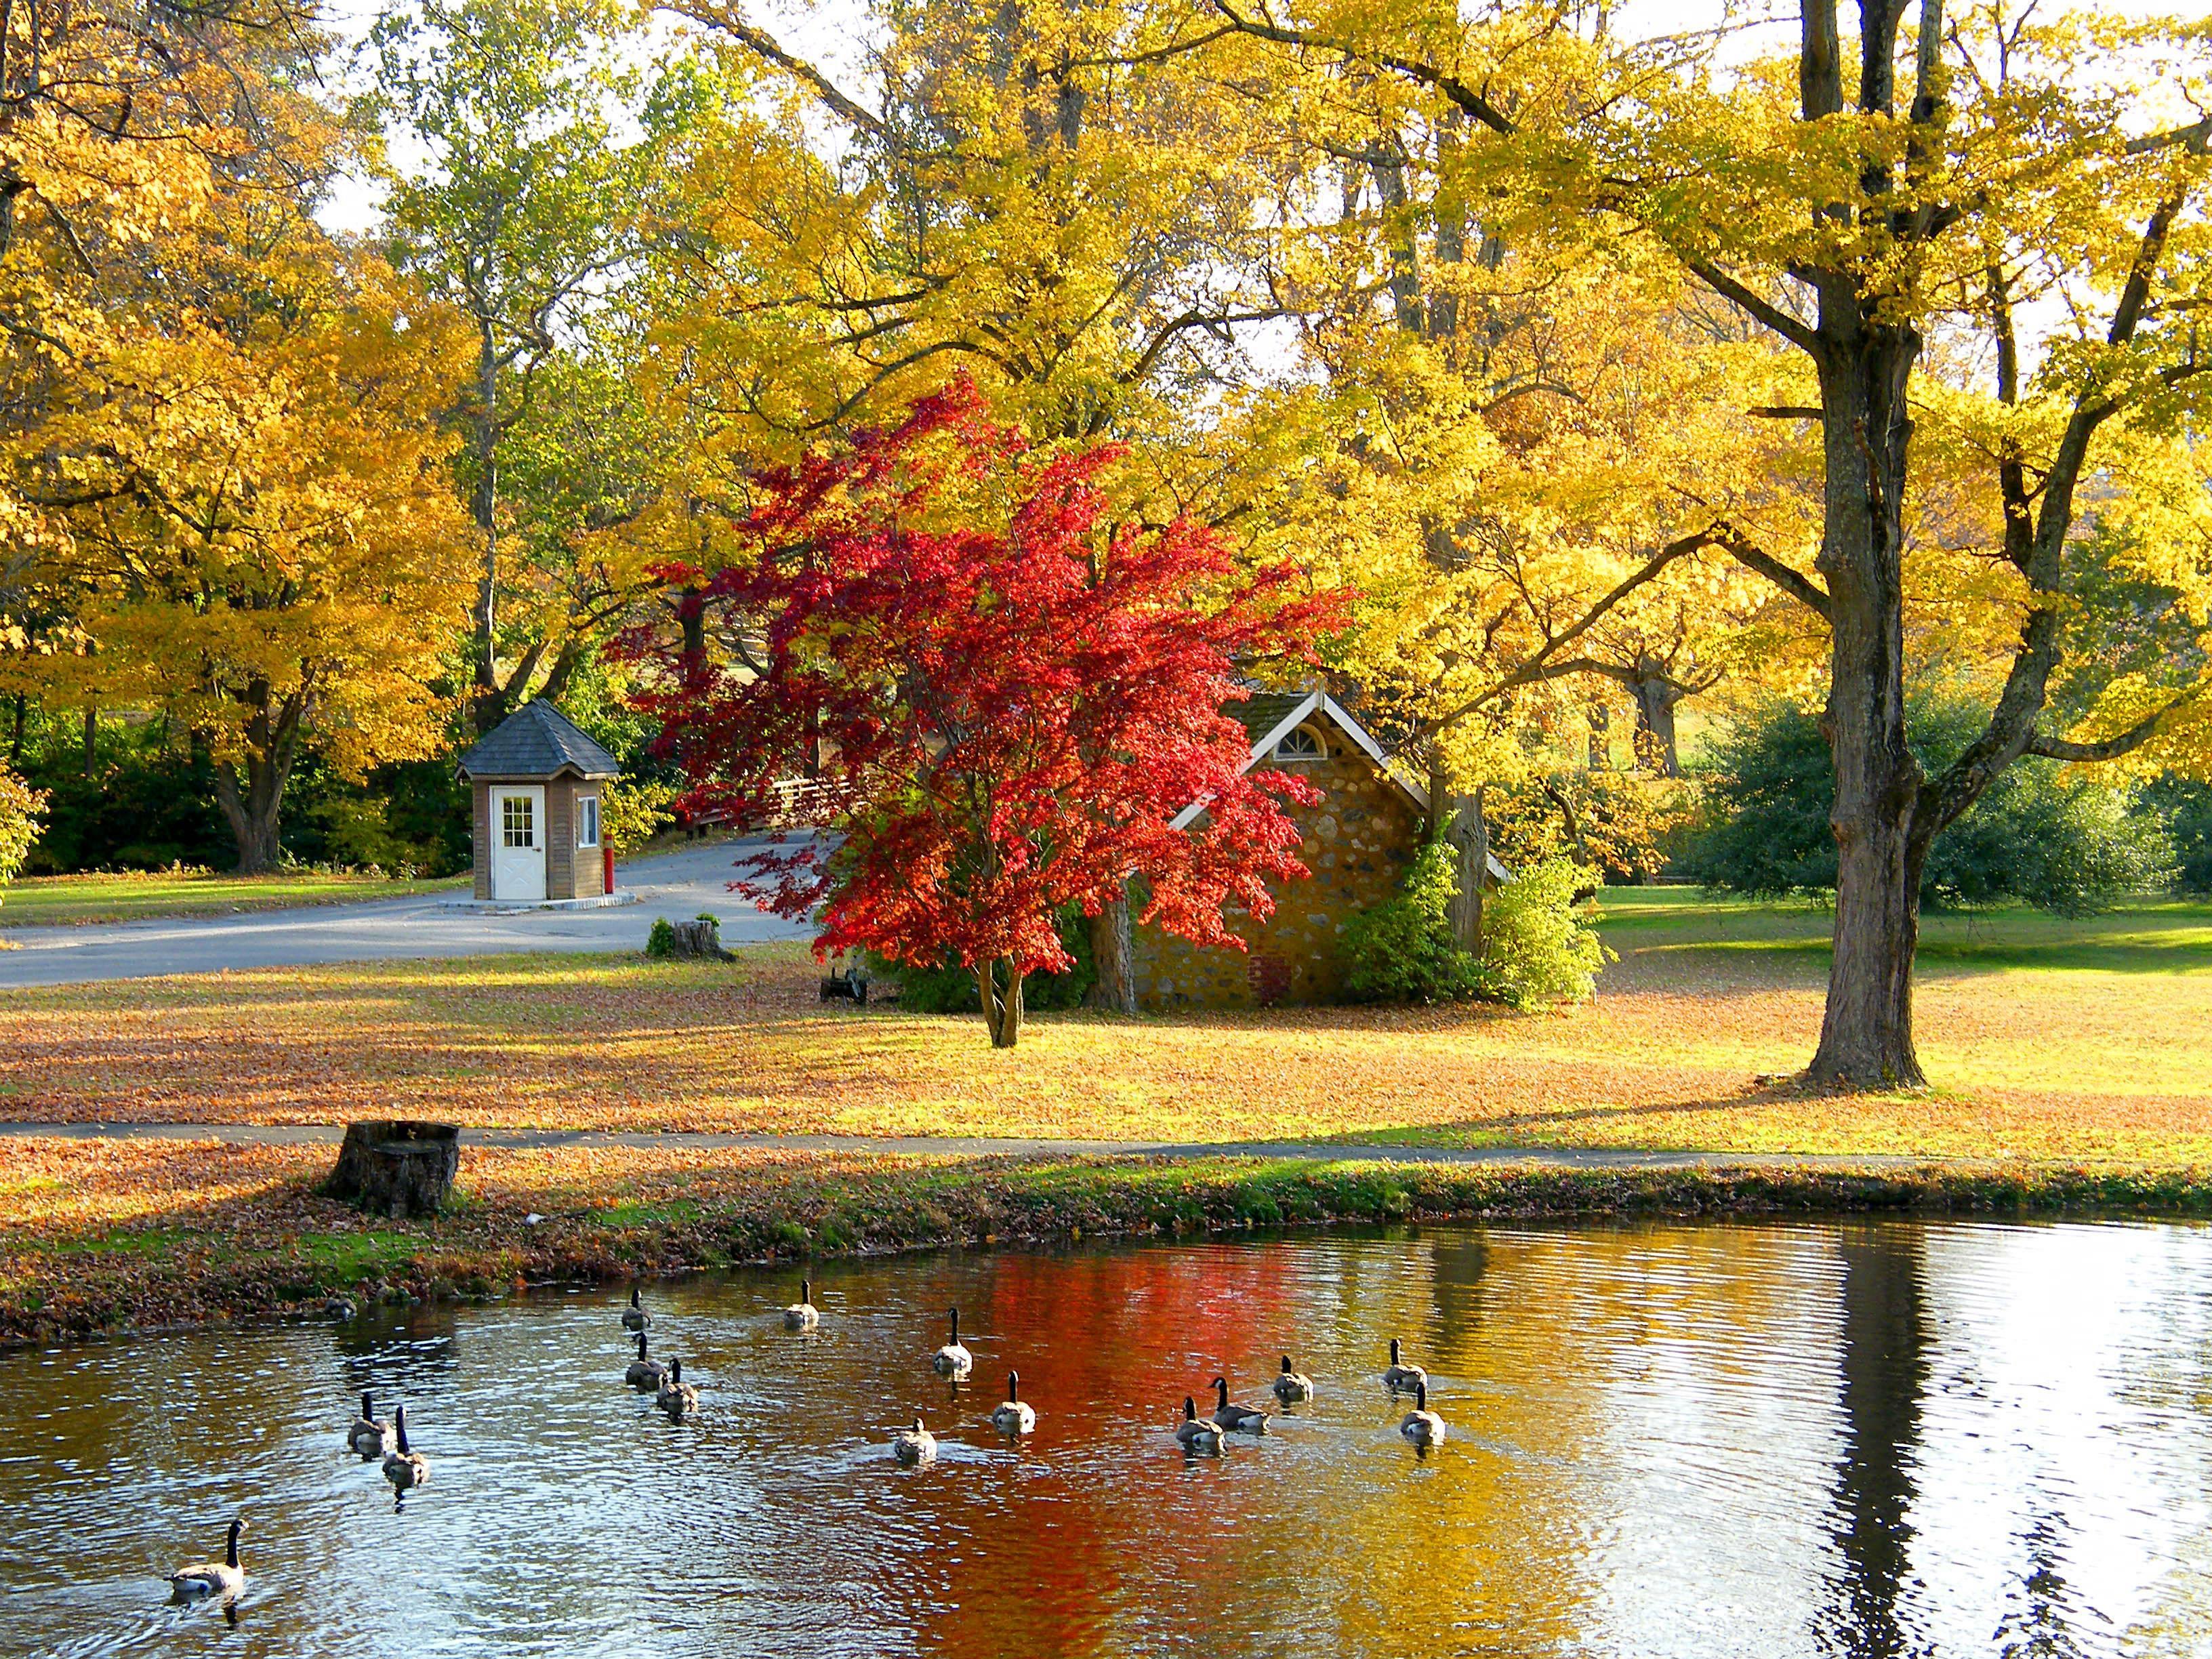 Обои рабочий стол пейзажи осень дом